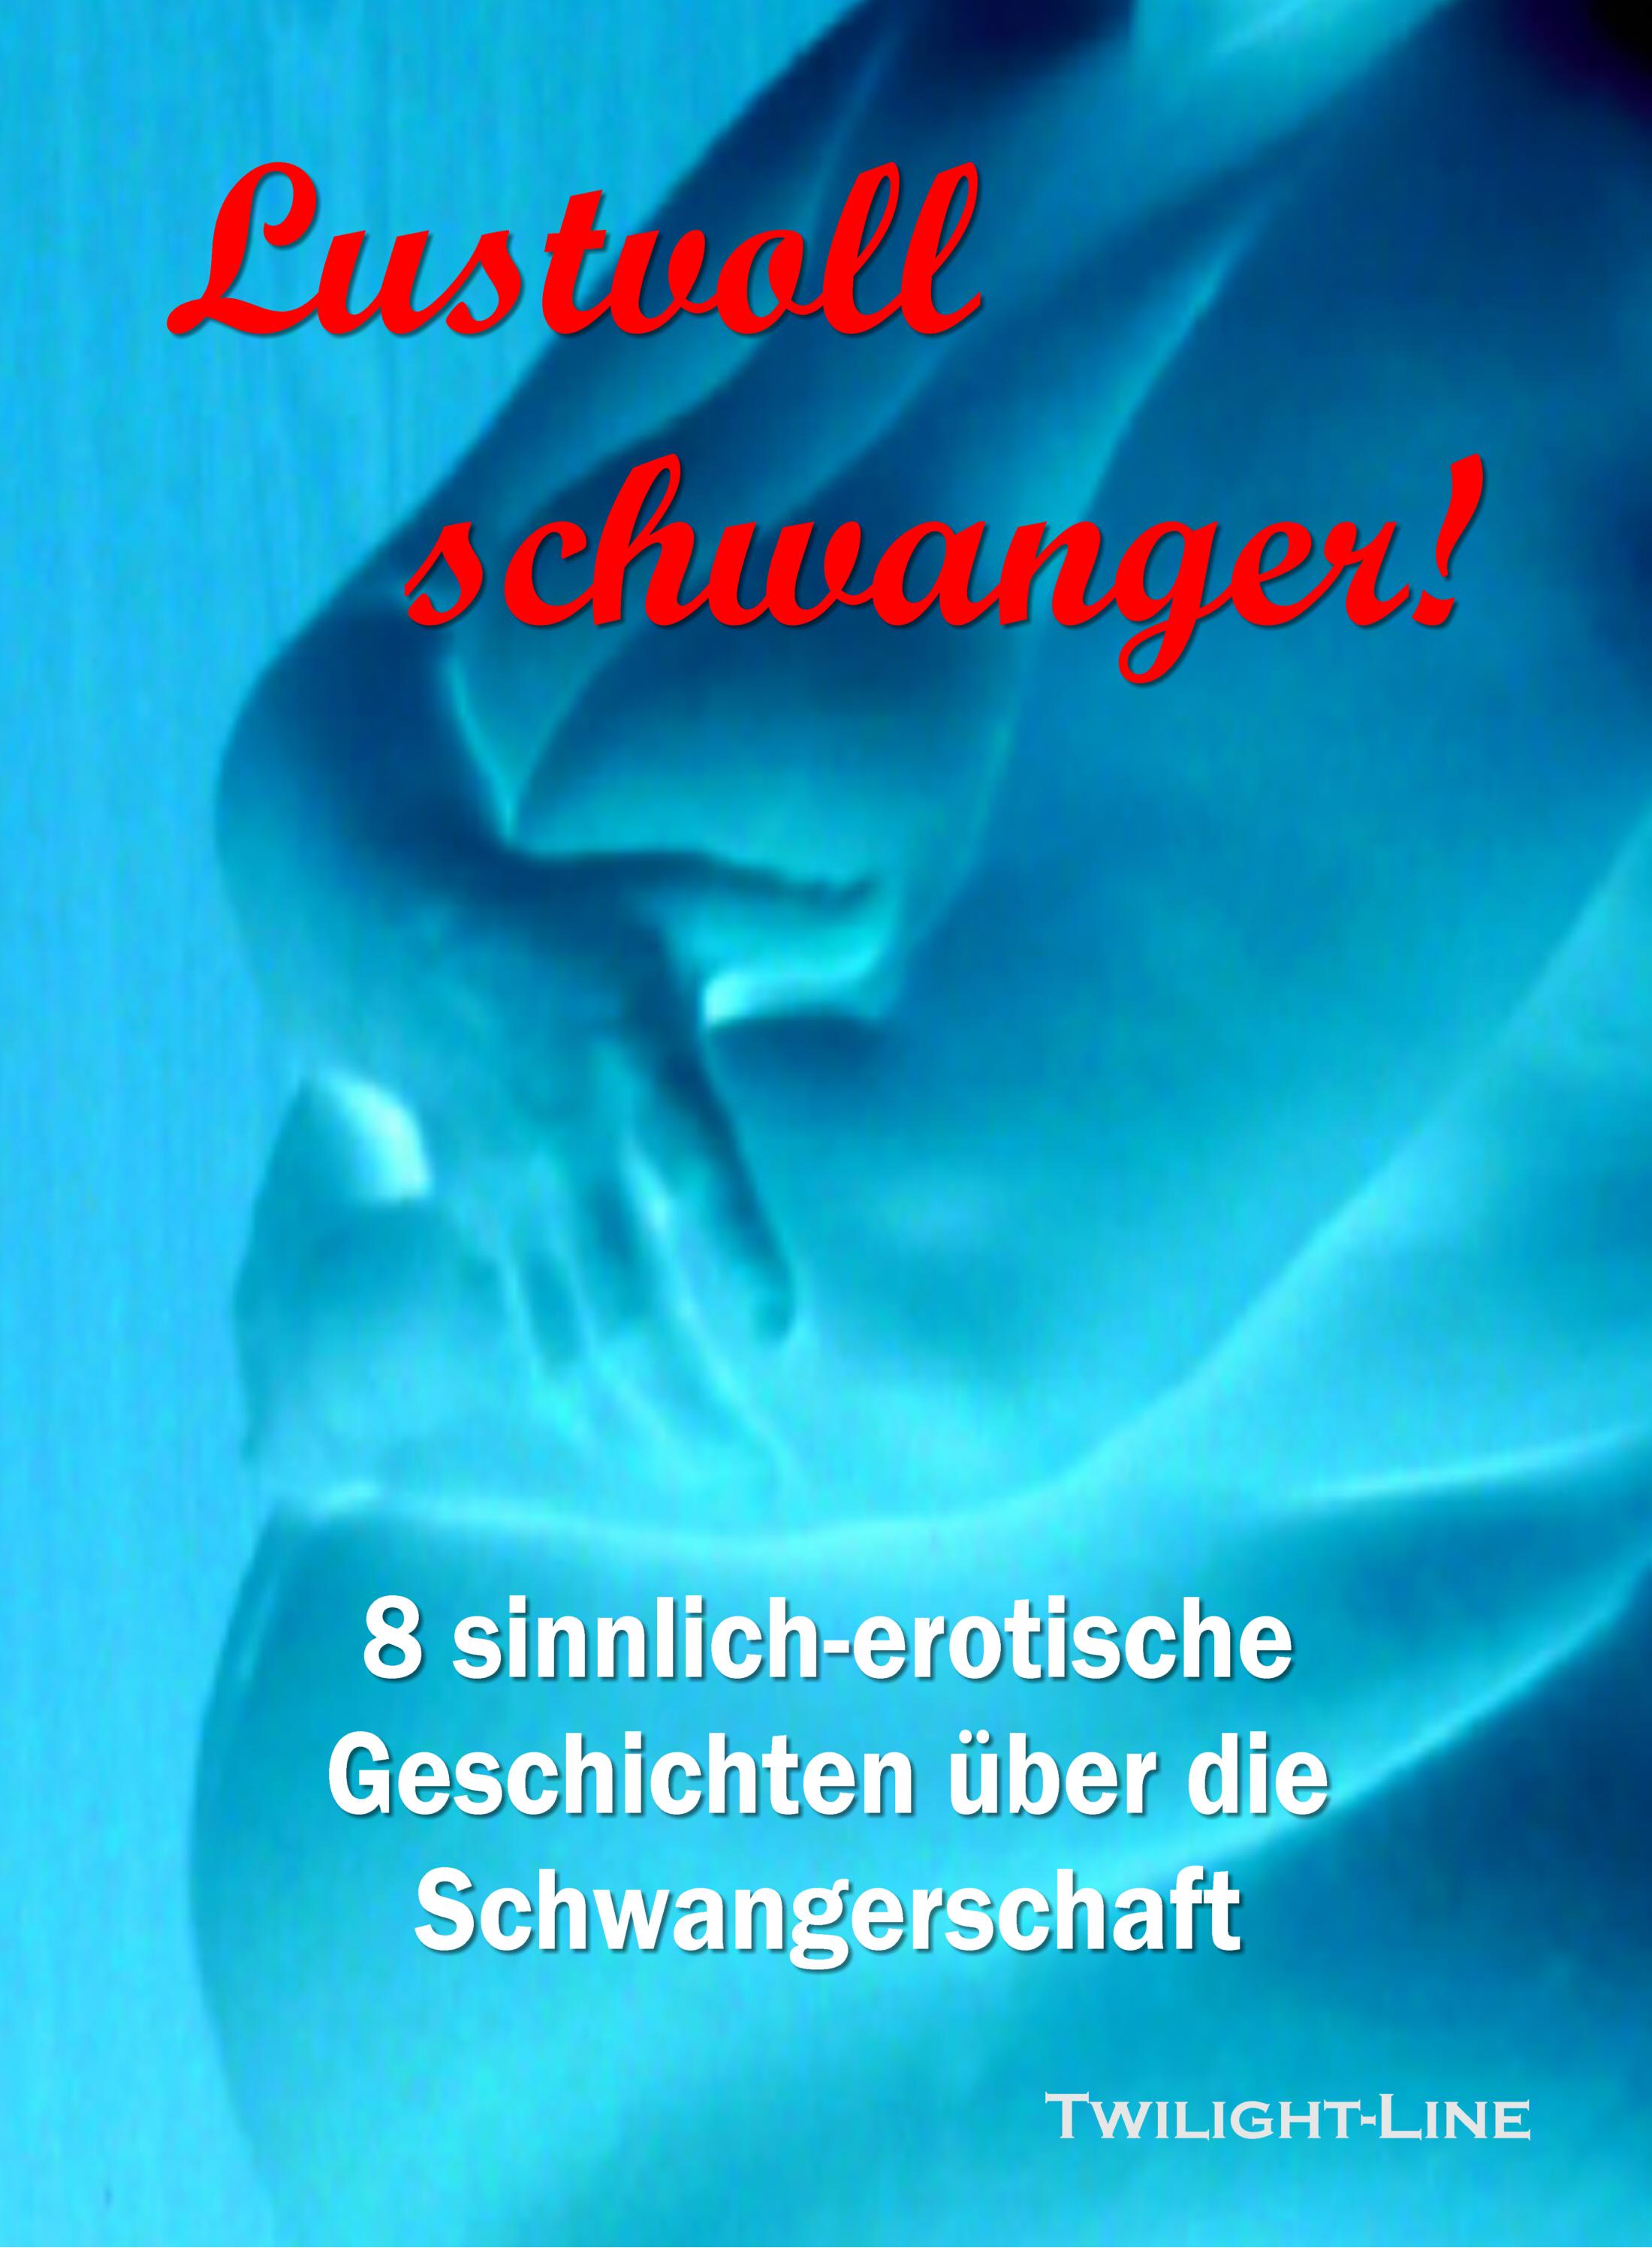 Lustvoll schwanger!  8 sinnlich-erotische Geschichten über die Schwangerschaft